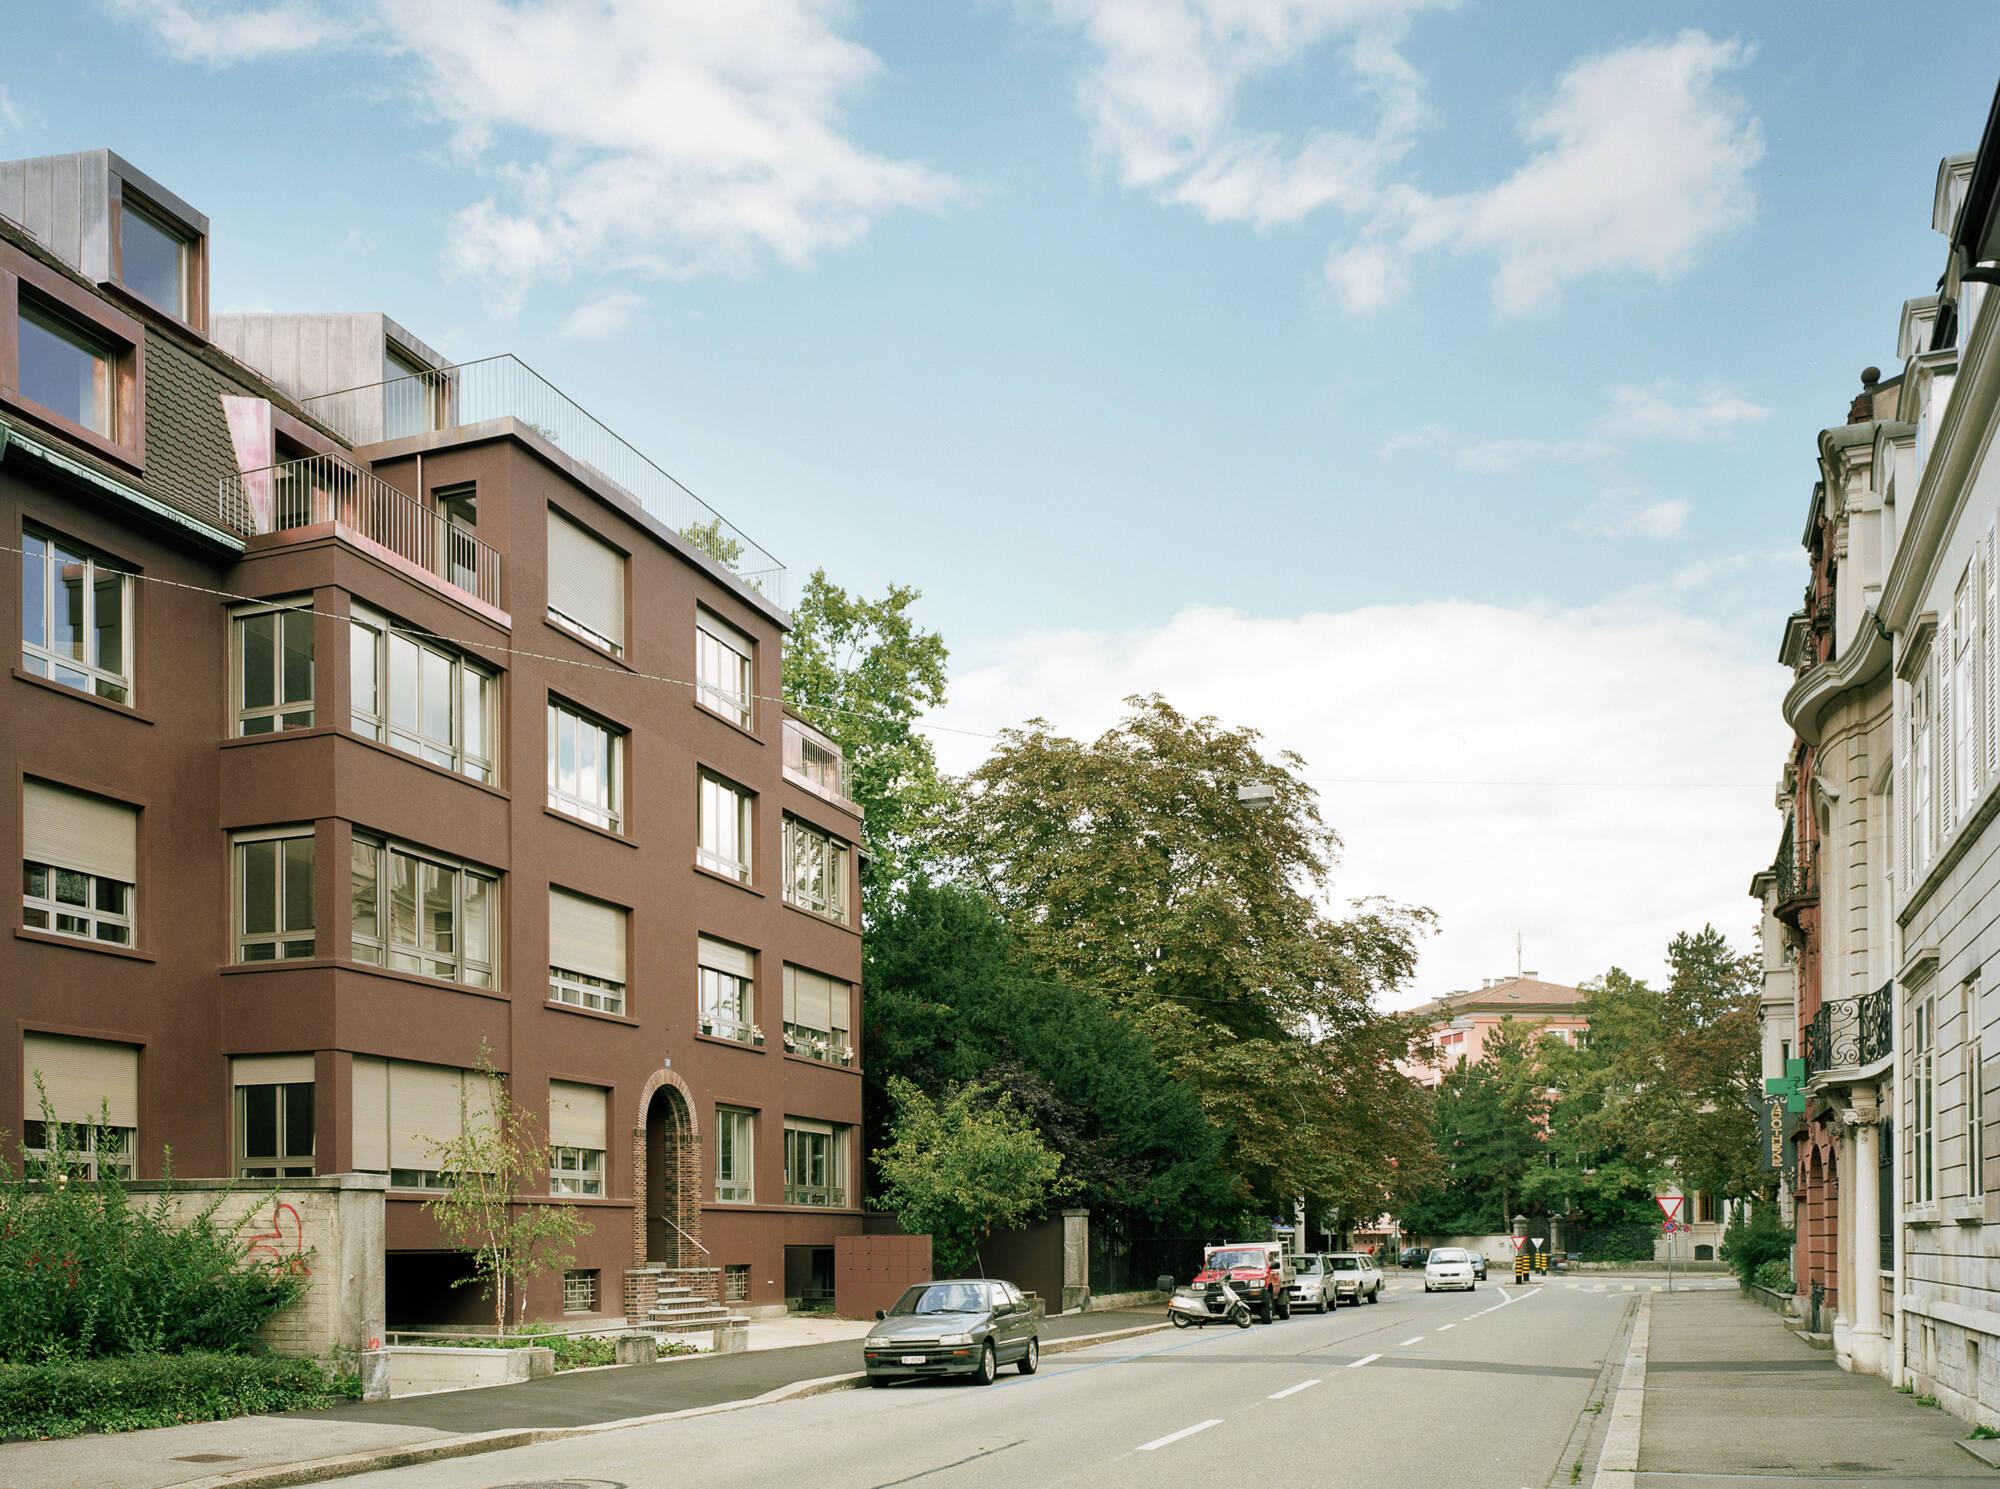 Residential Housing Sevogelstrasse